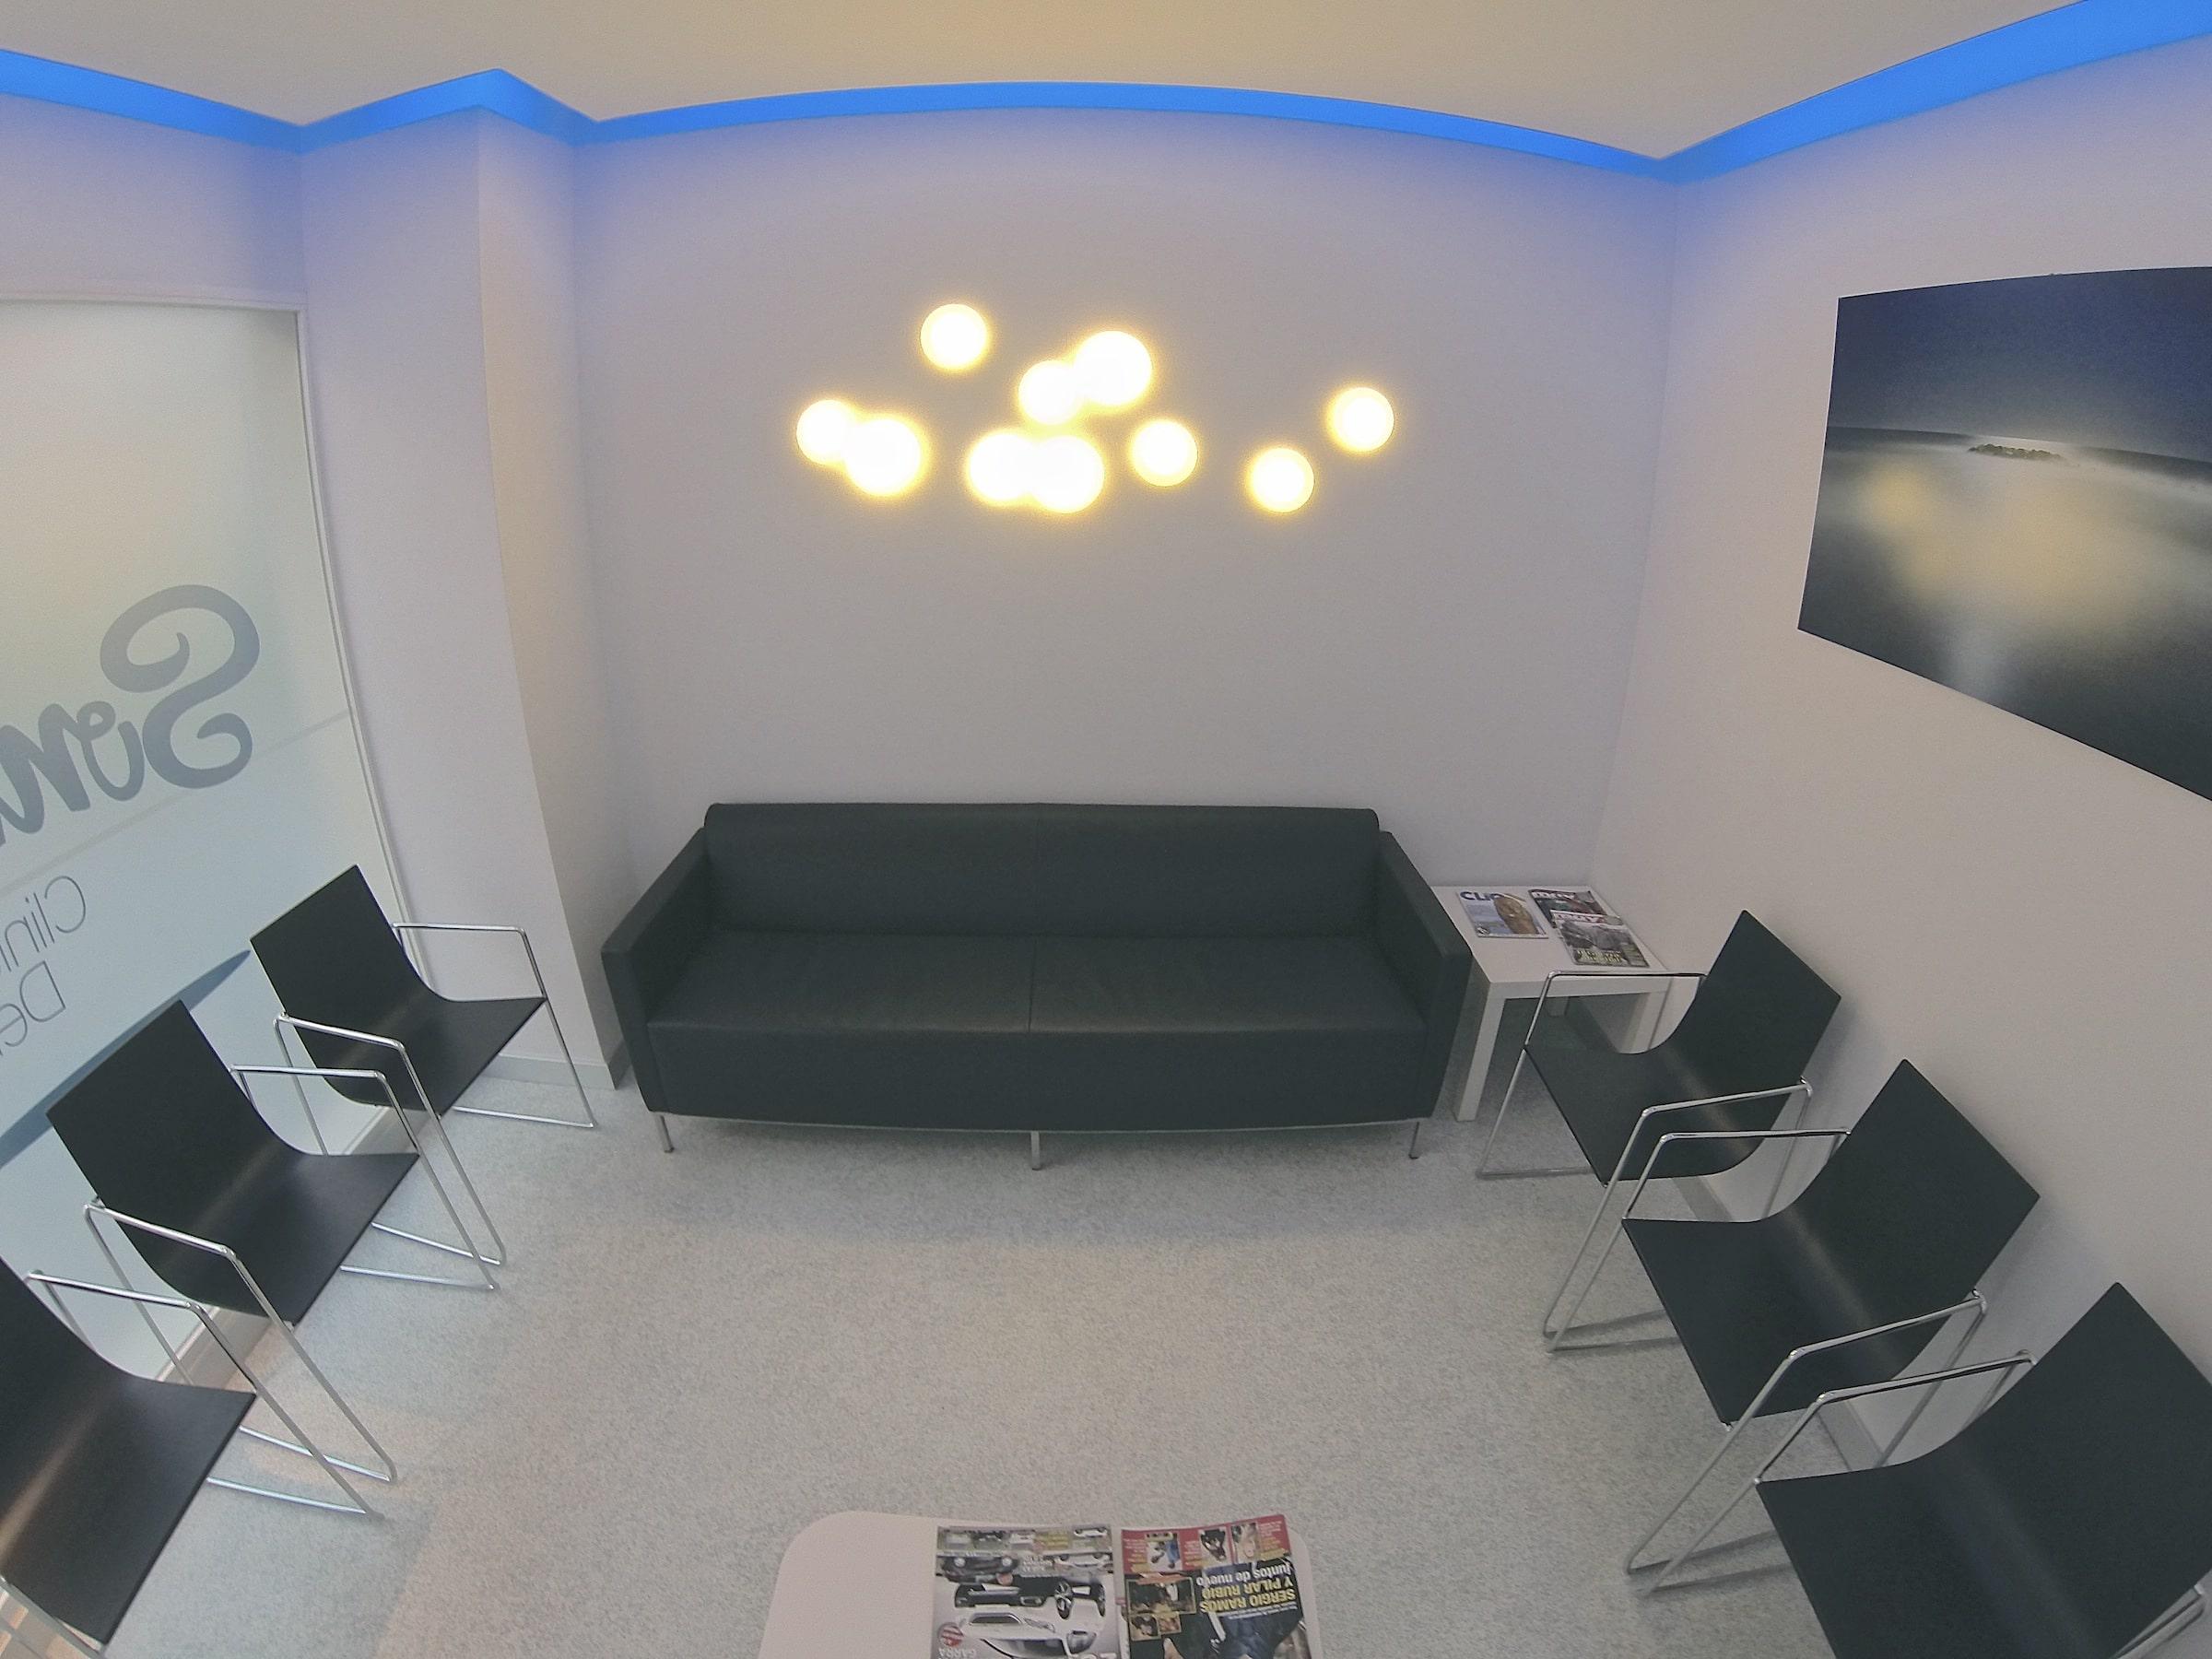 Mejor clinica dental en el centro de granada clinica sonrie - Disenos clinicas dentales ...